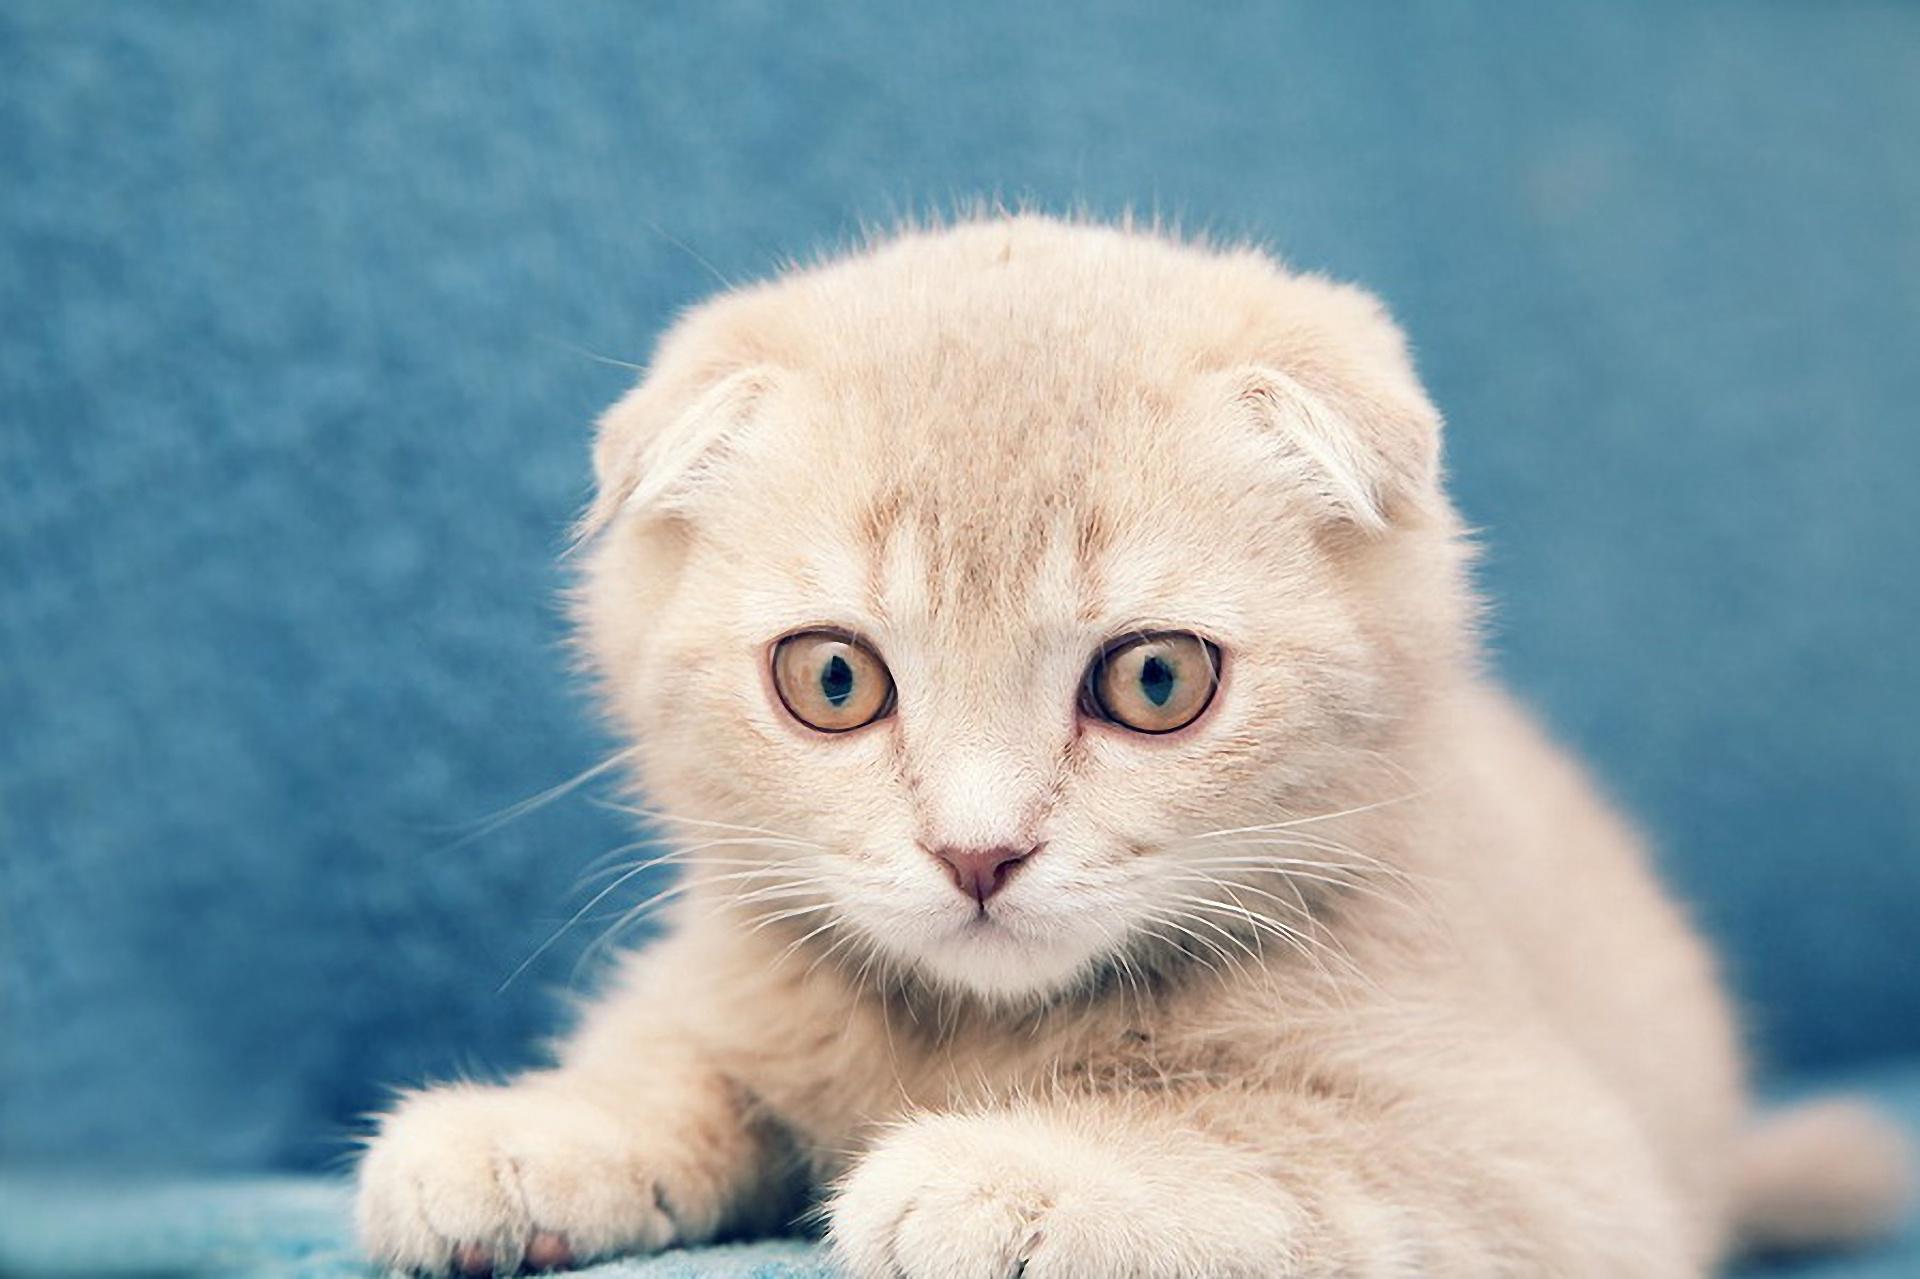 картинки для рабочего стола с вислоухими котятами